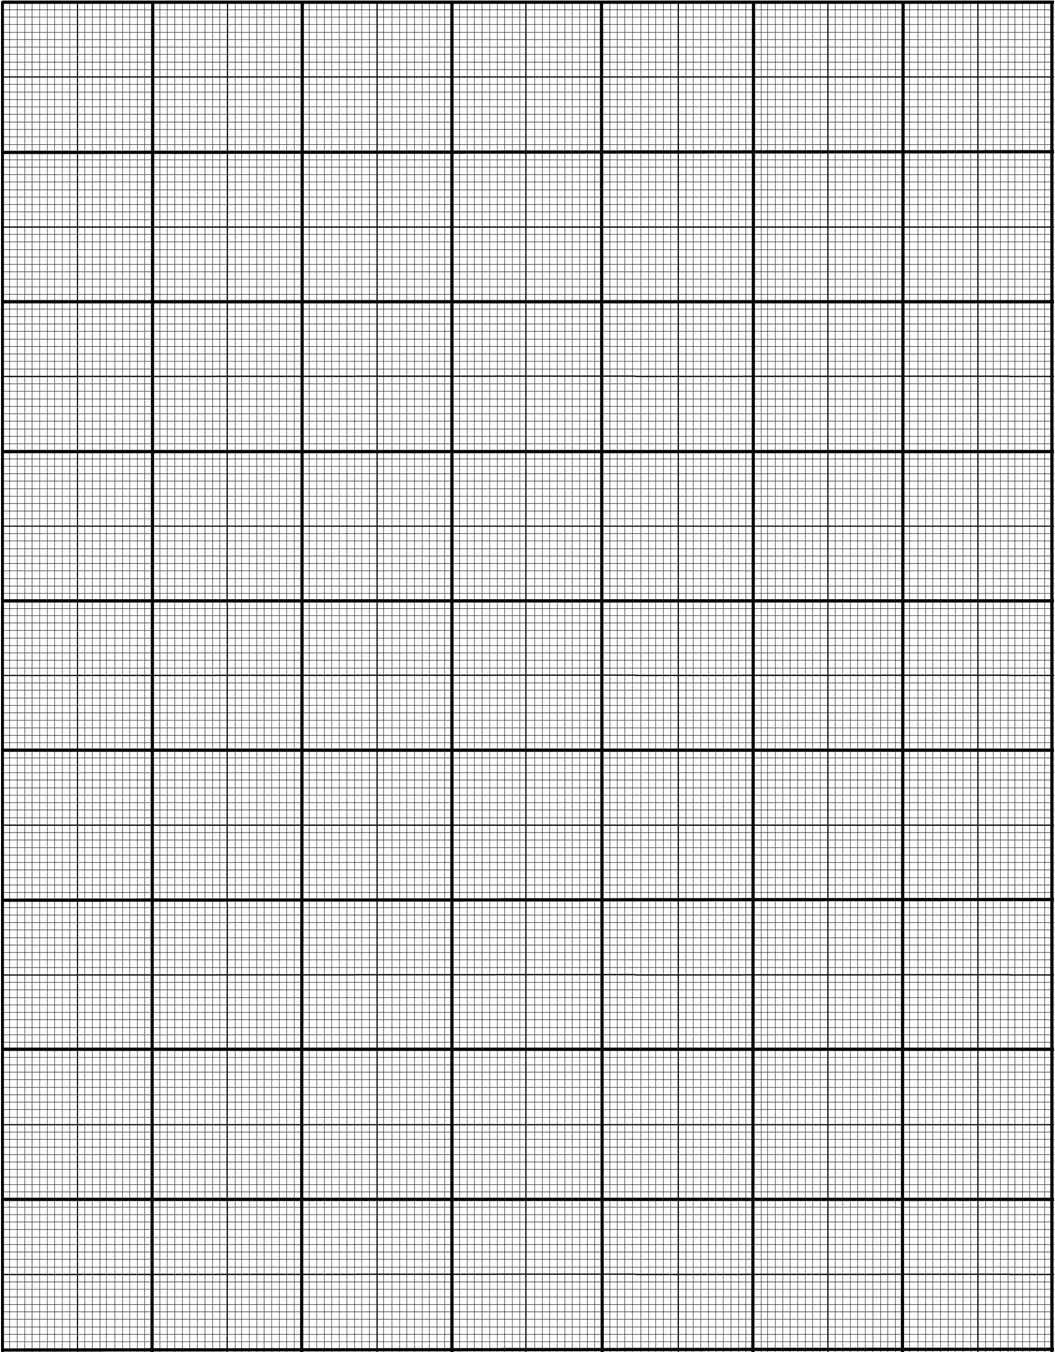 Printable Graph Paper 10 Lines Per Cm Printable Graph Paper Free Paper Printables Grid Paper Printable